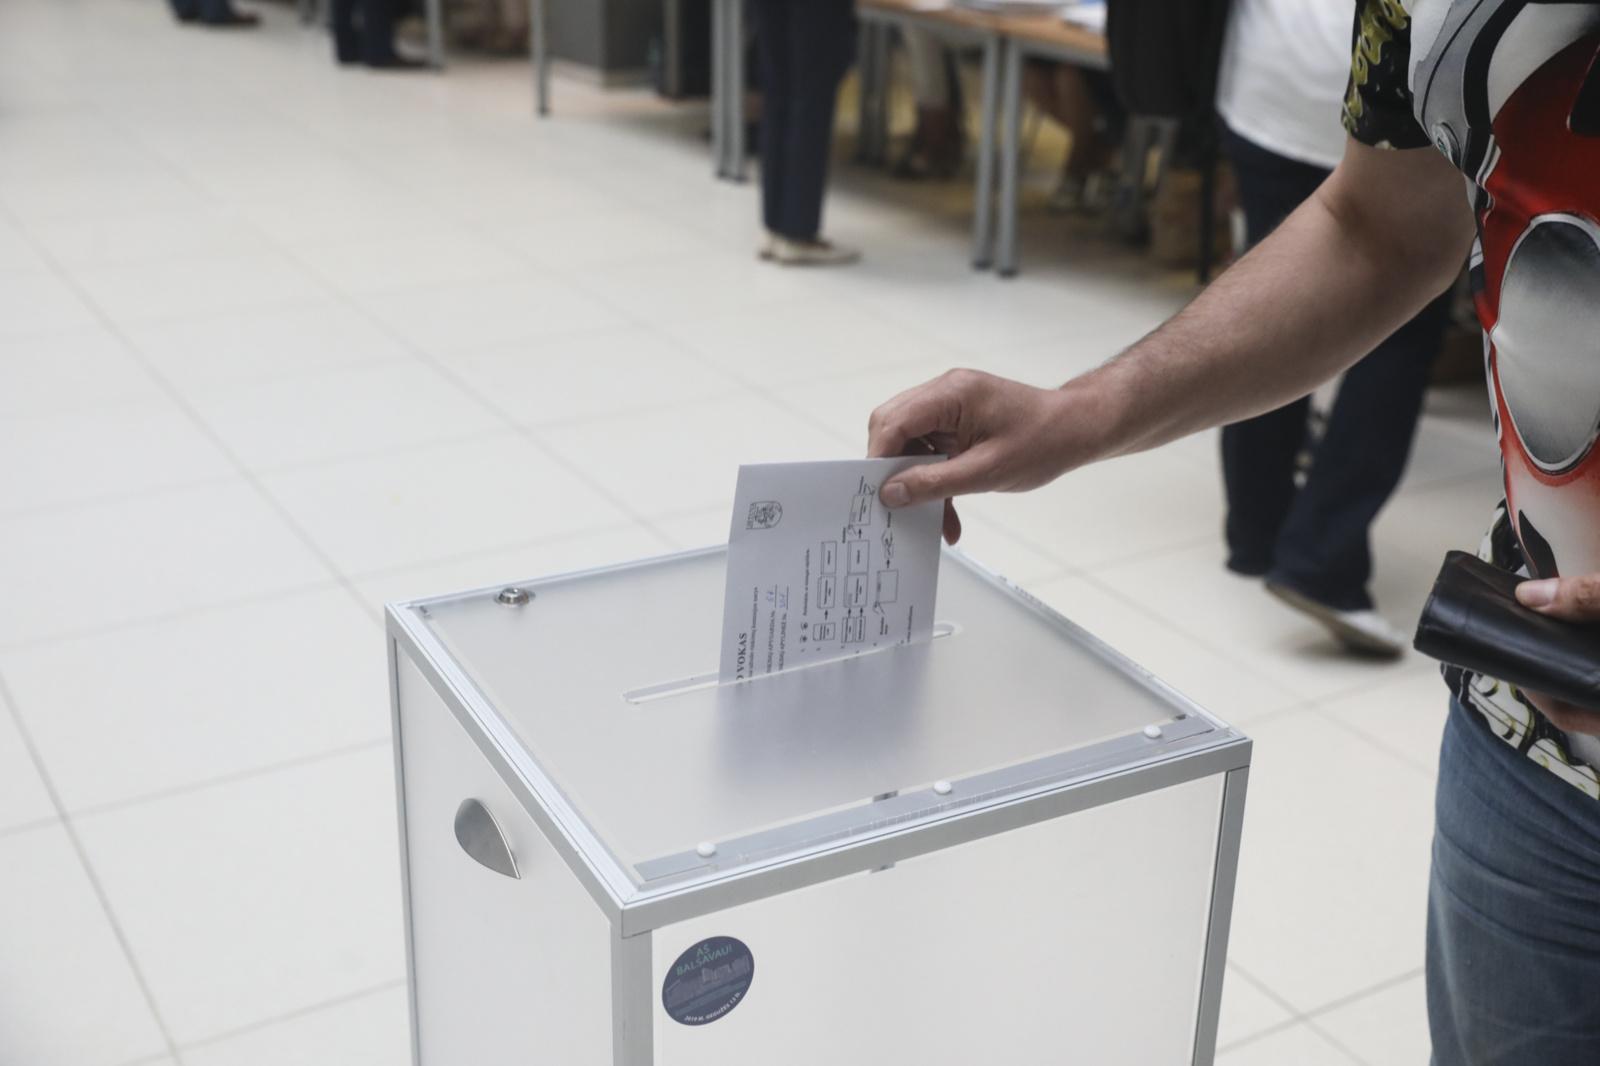 Seimo narių rinkimuose iki 15 val. balsavo 10,4 proc. rinkėjų